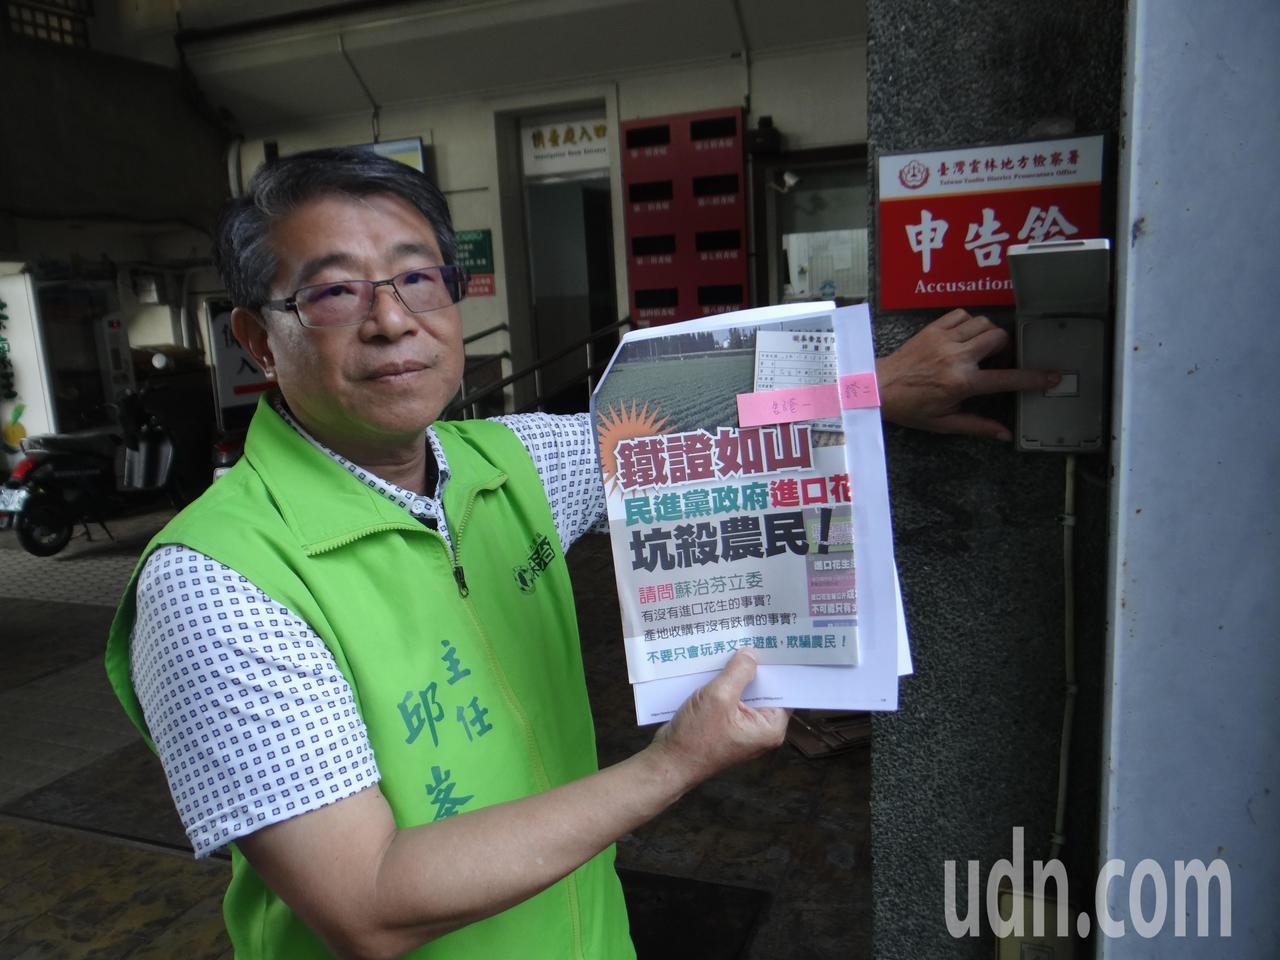 苏治芬委任办公室主任邱峯通控告国民党云林县党部。记者蔡维斌/摄影